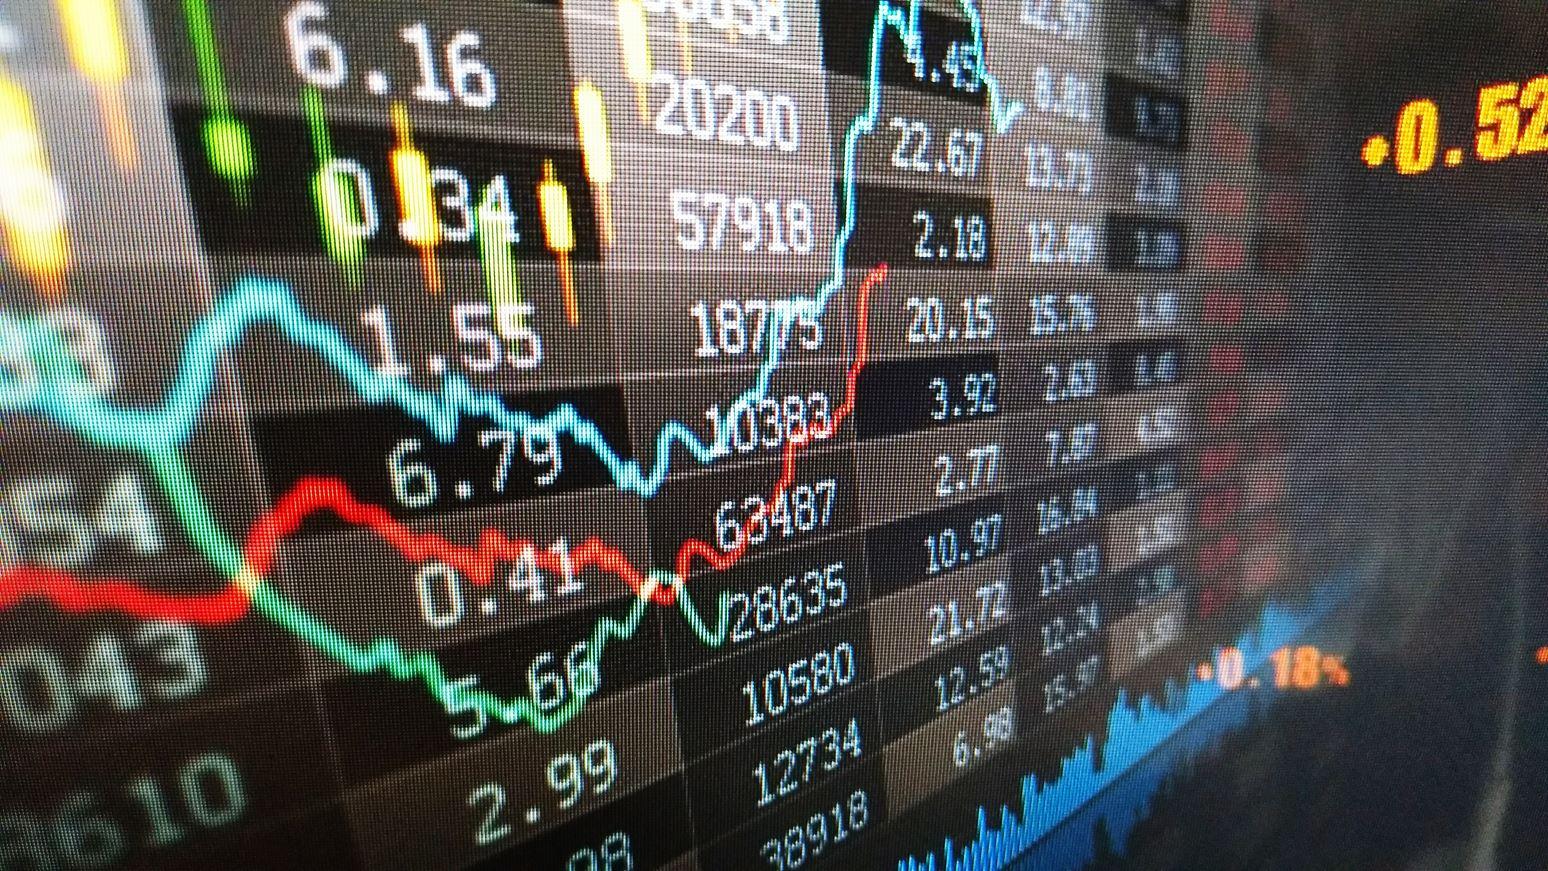 تقویت چشم انداز بازار در سایه تحولات بنیادی